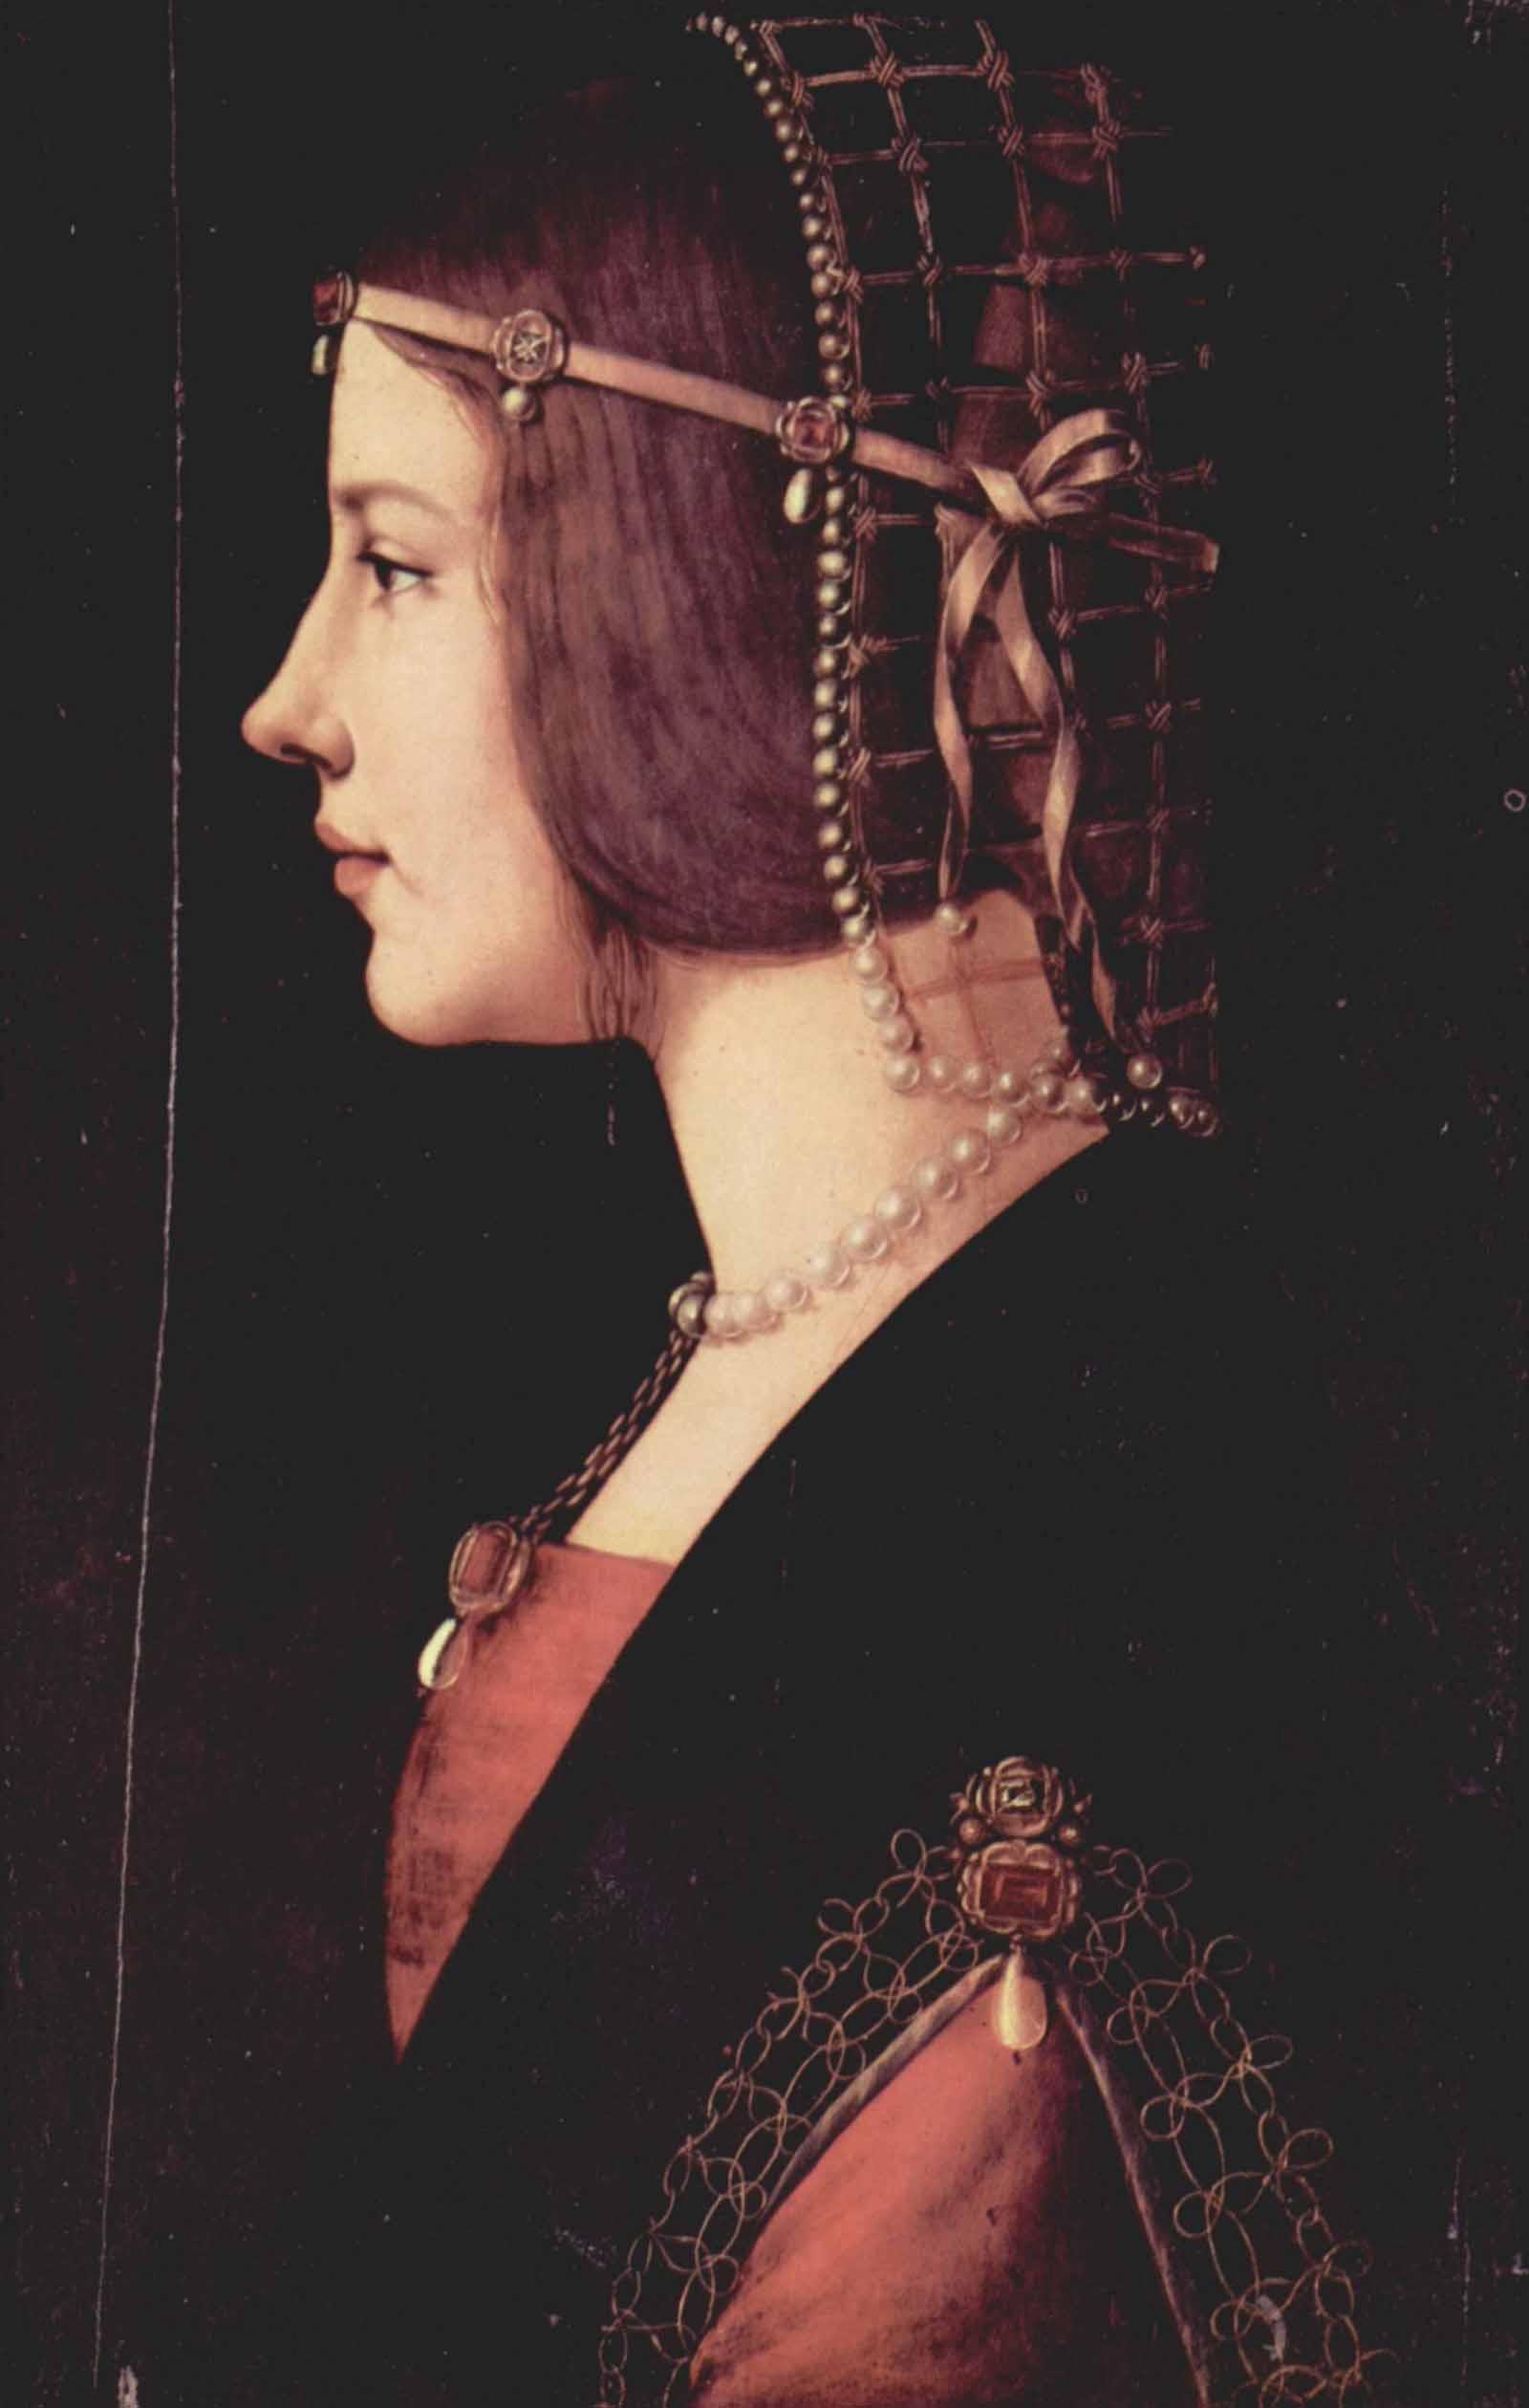 Леонардо да Винчи . Портрет дамы (Беатриче д'Эсте)